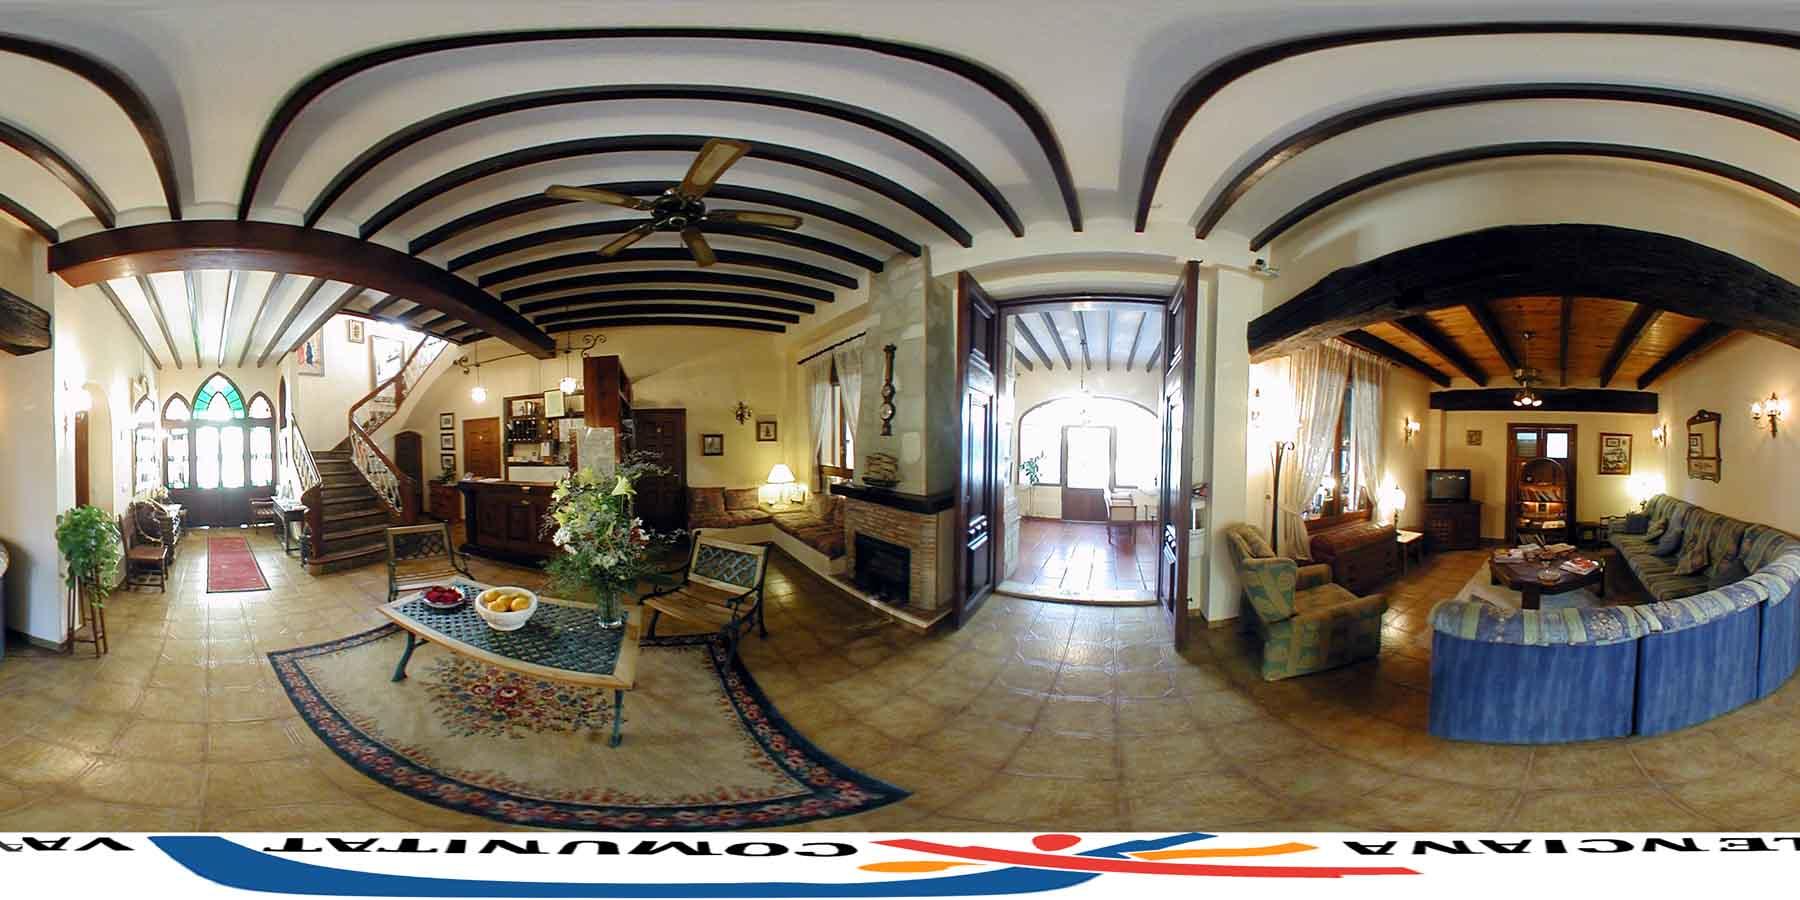 L'HOTELET DE LA RACONÁ